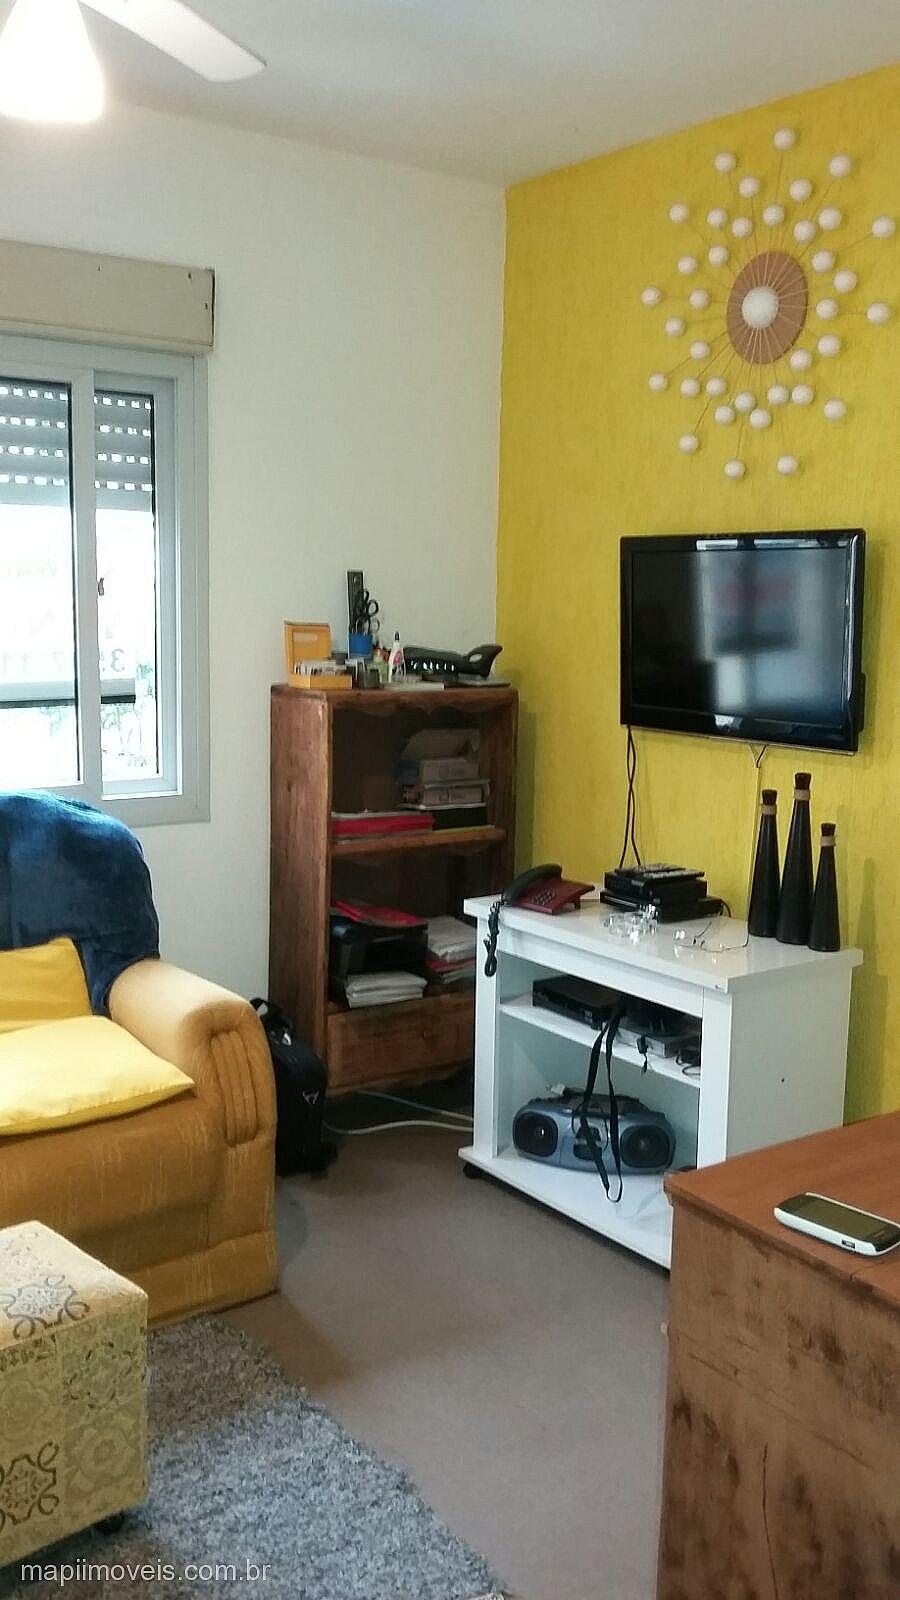 Mapi Imóveis - Apto 2 Dorm, Canudos, Novo Hamburgo - Foto 3